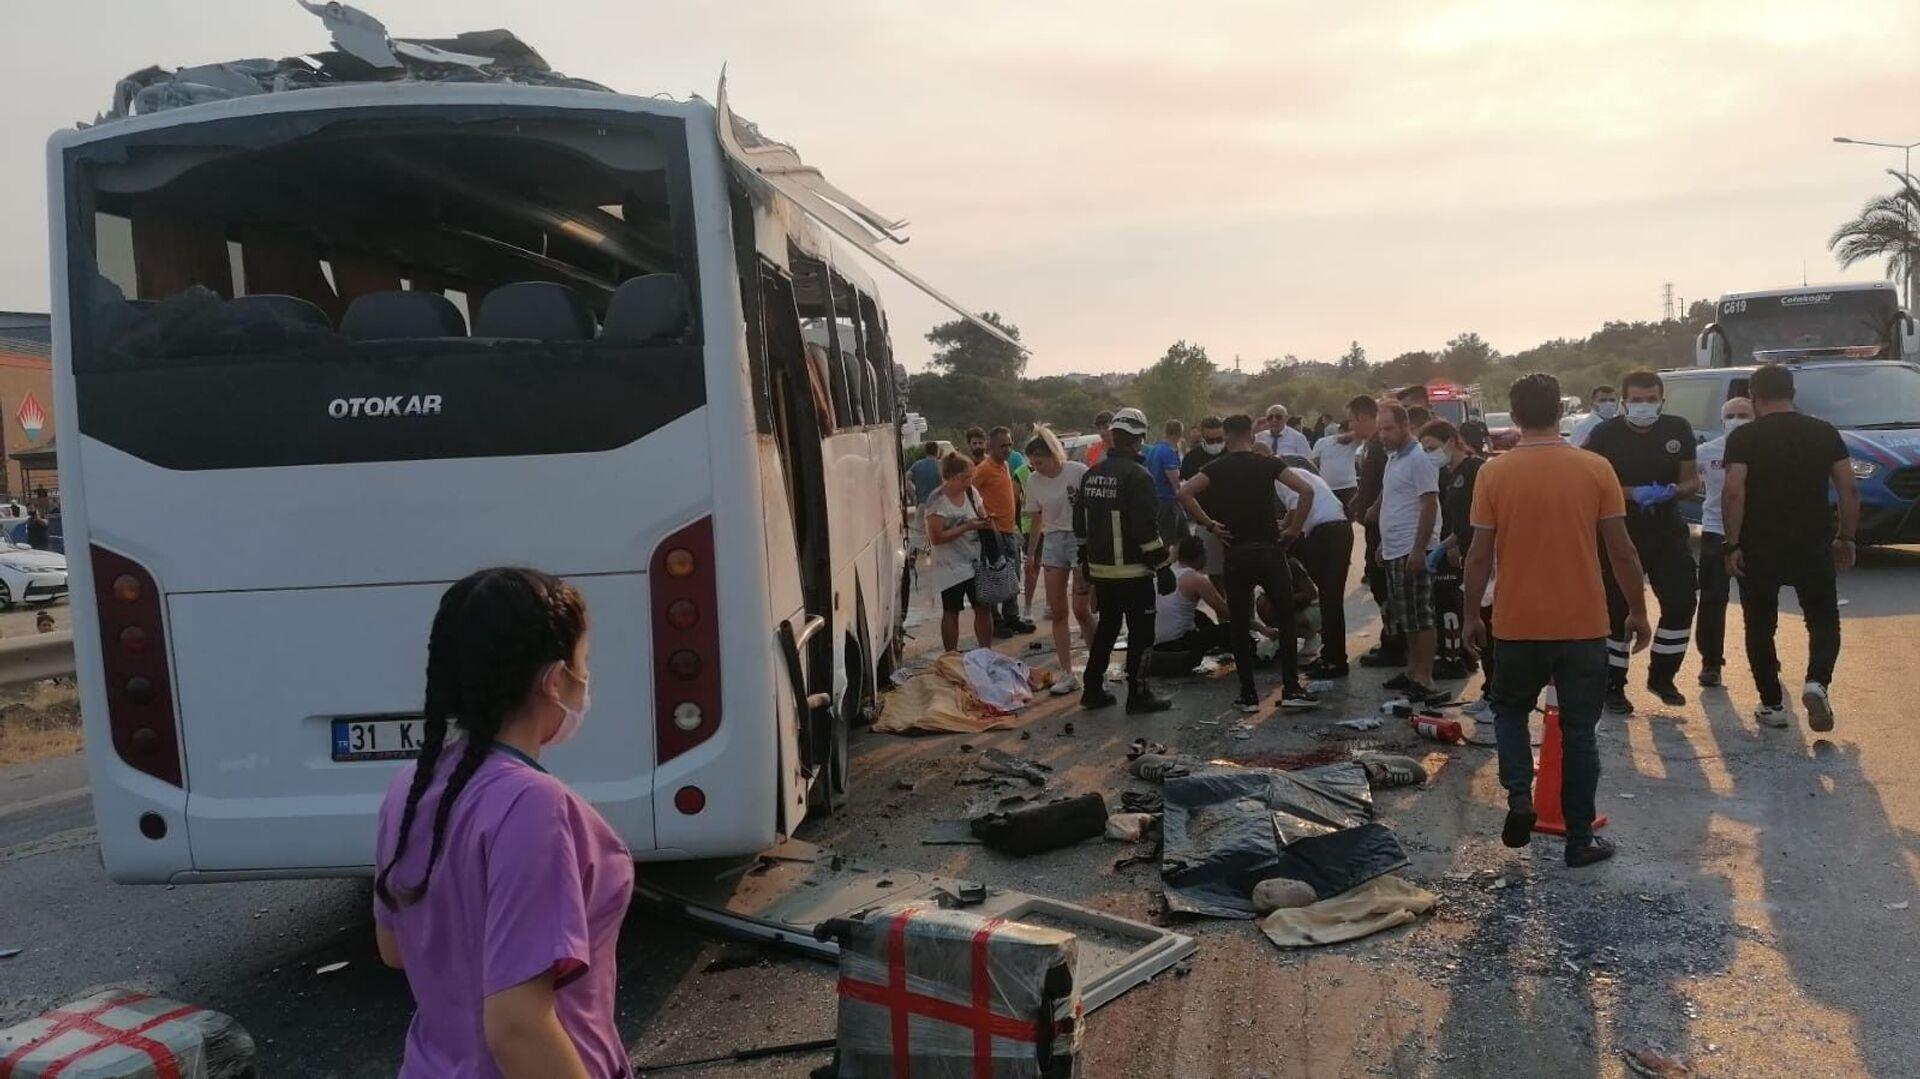 Manavgat'ta havaalanına yolcu taşıyan tur otobüsü kaza yaptı: 4 ölü, 5 yaralı - Sputnik Türkiye, 1920, 02.08.2021